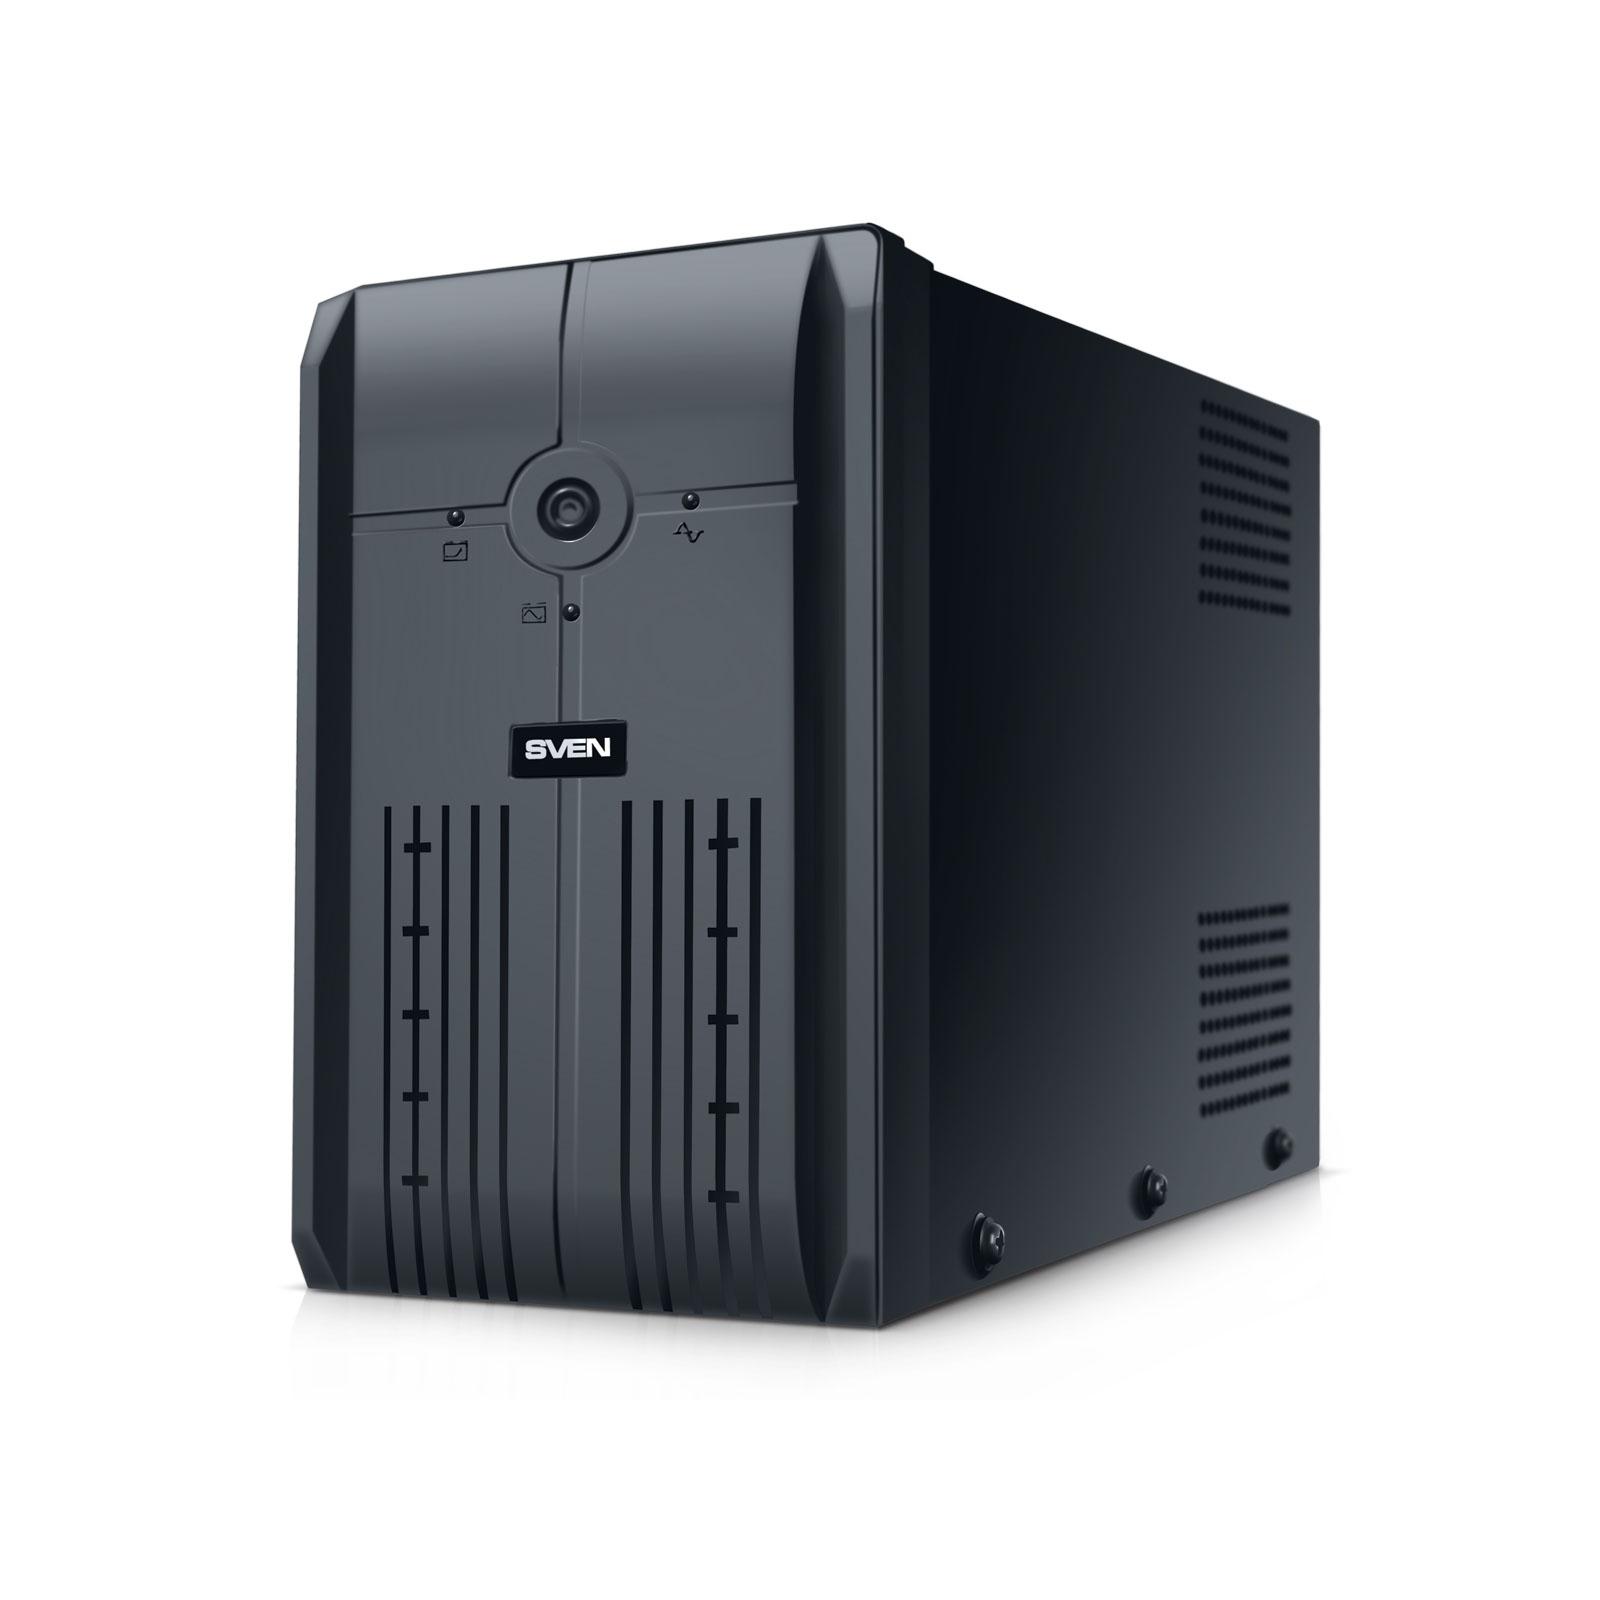 Источник бесперебойного питания SVEN Pro+ 800 USB (Pro+ 800)